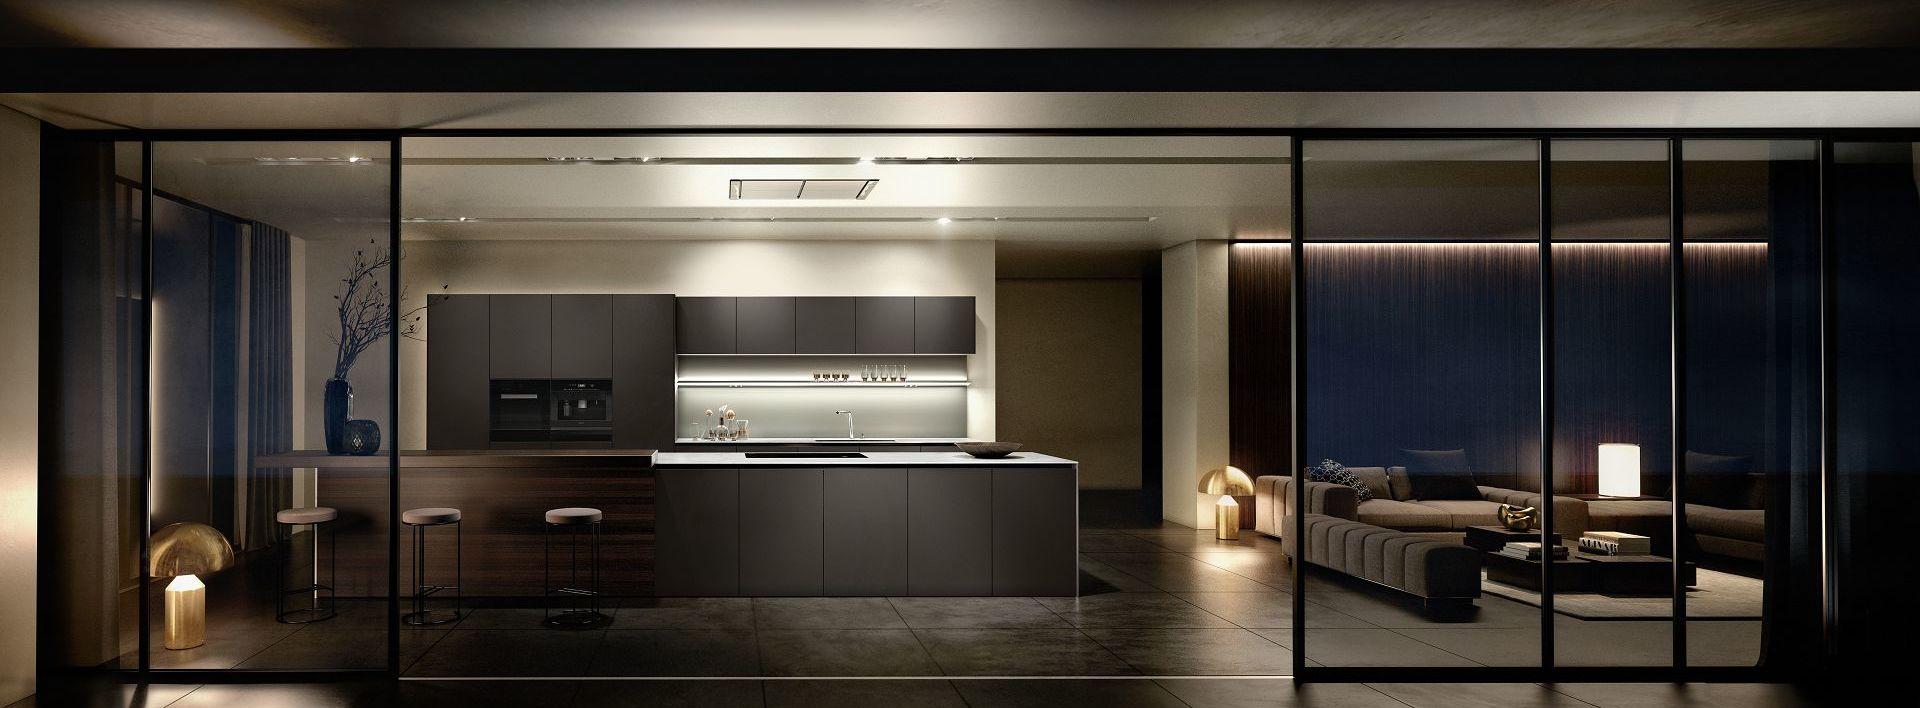 Erstklassiges SieMatic Küchendesign: Küchenformen, -proportionen und -materialien von zeitloser Gültigkeit.